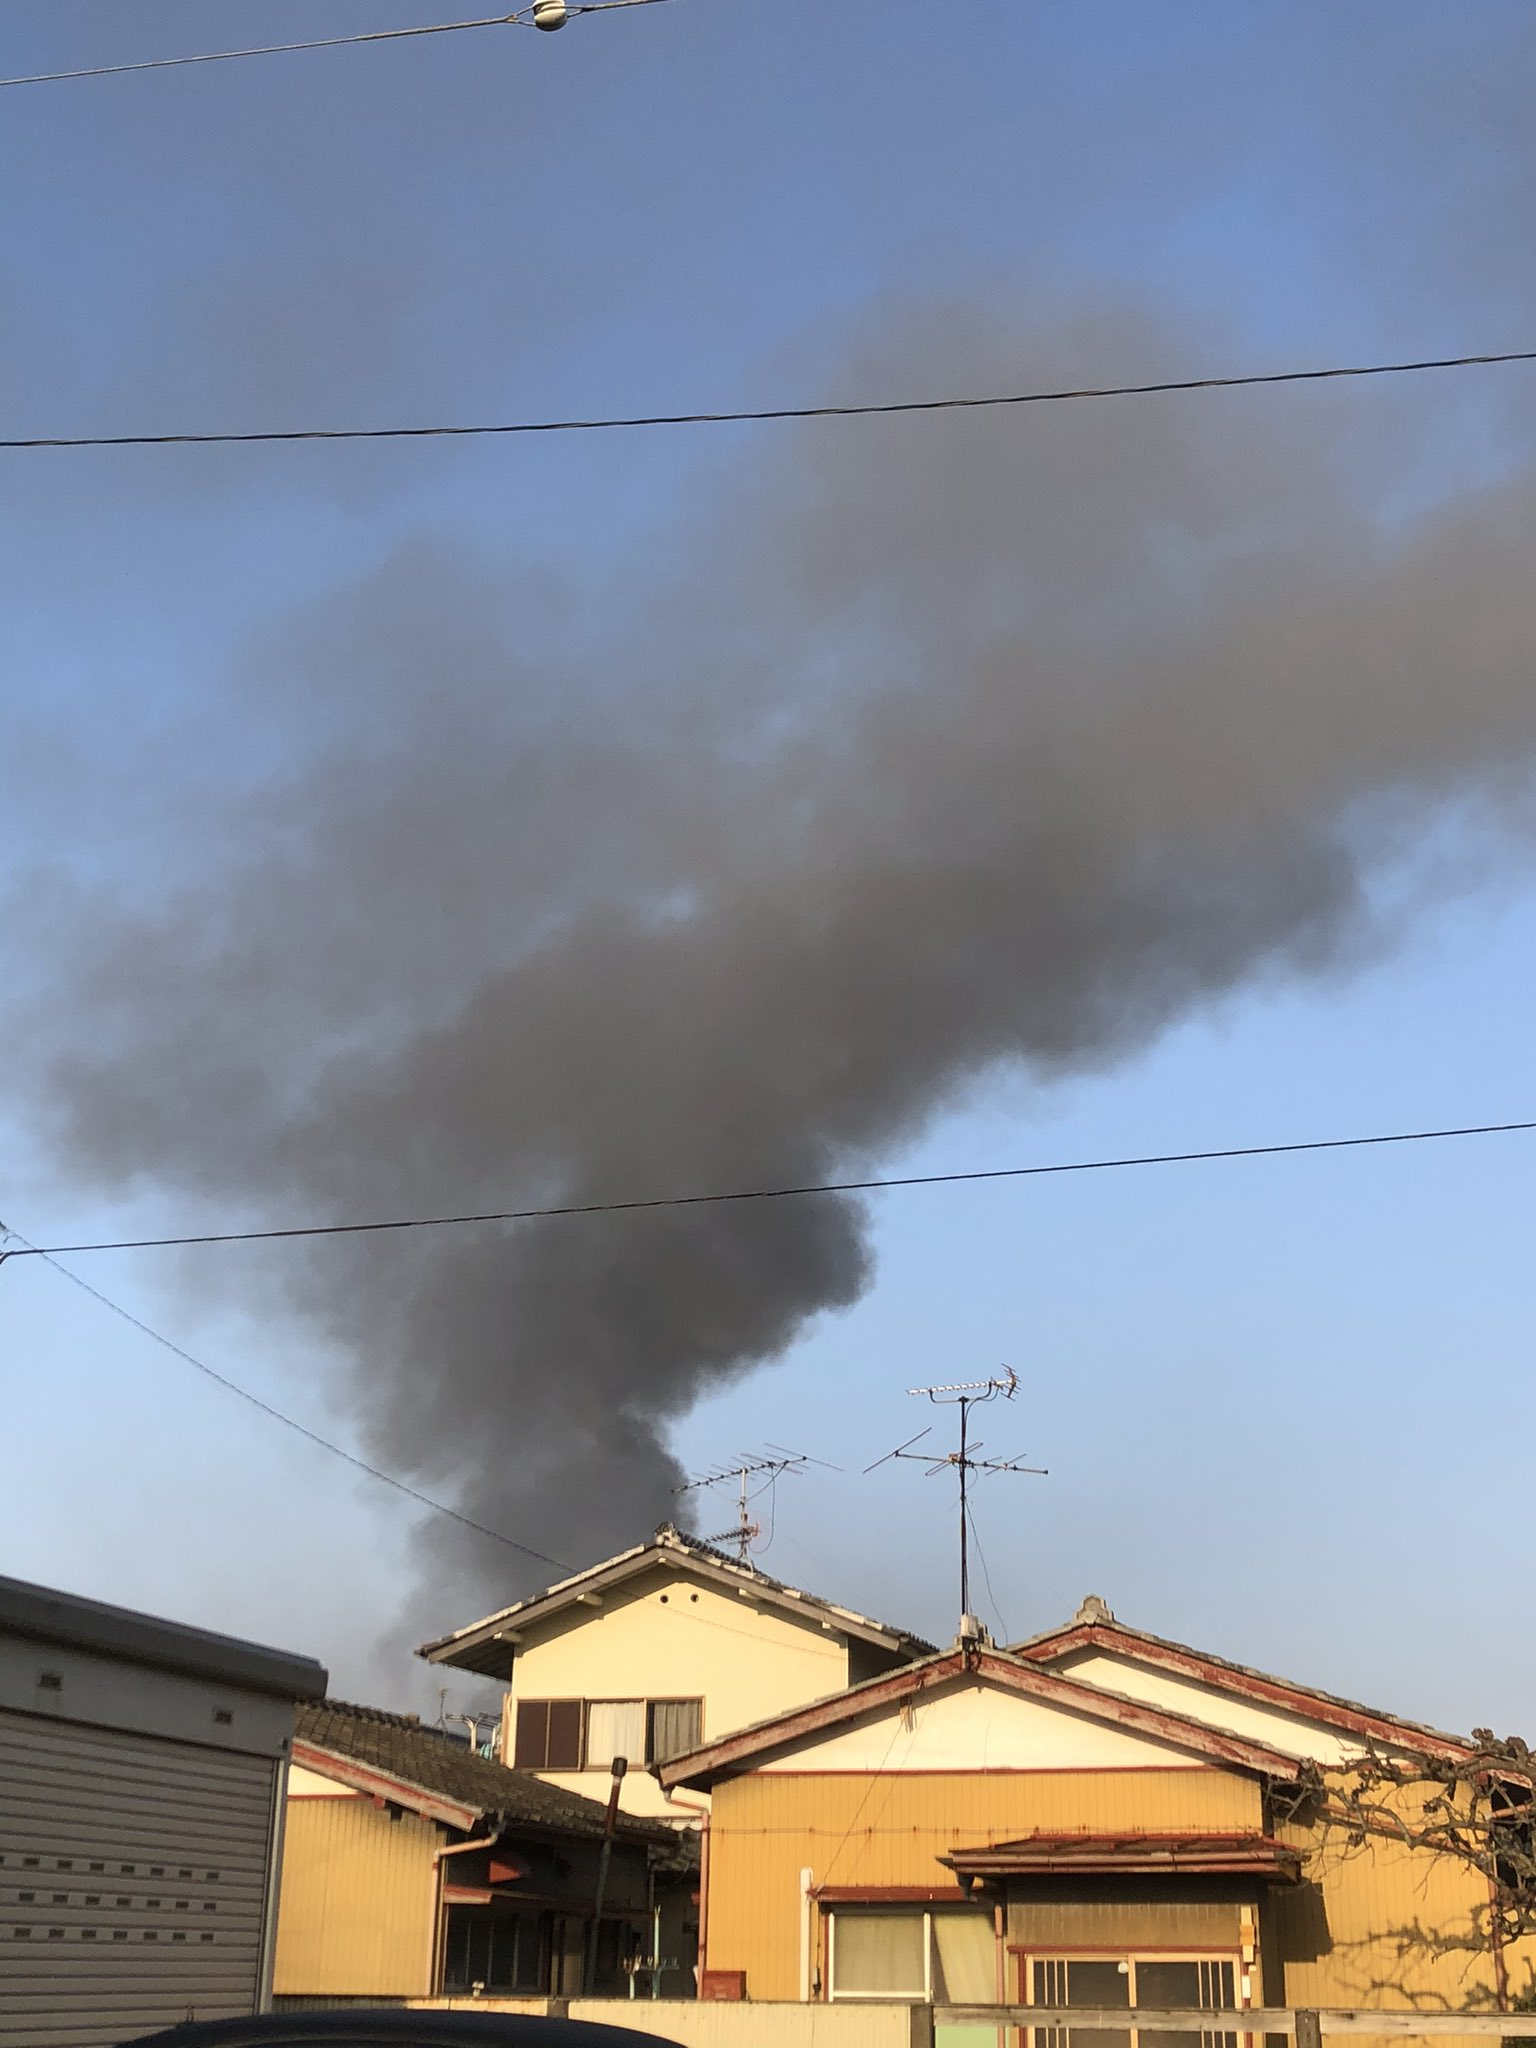 画像,朝から火事だ😧 https://t.co/RO6PLYiRLg。